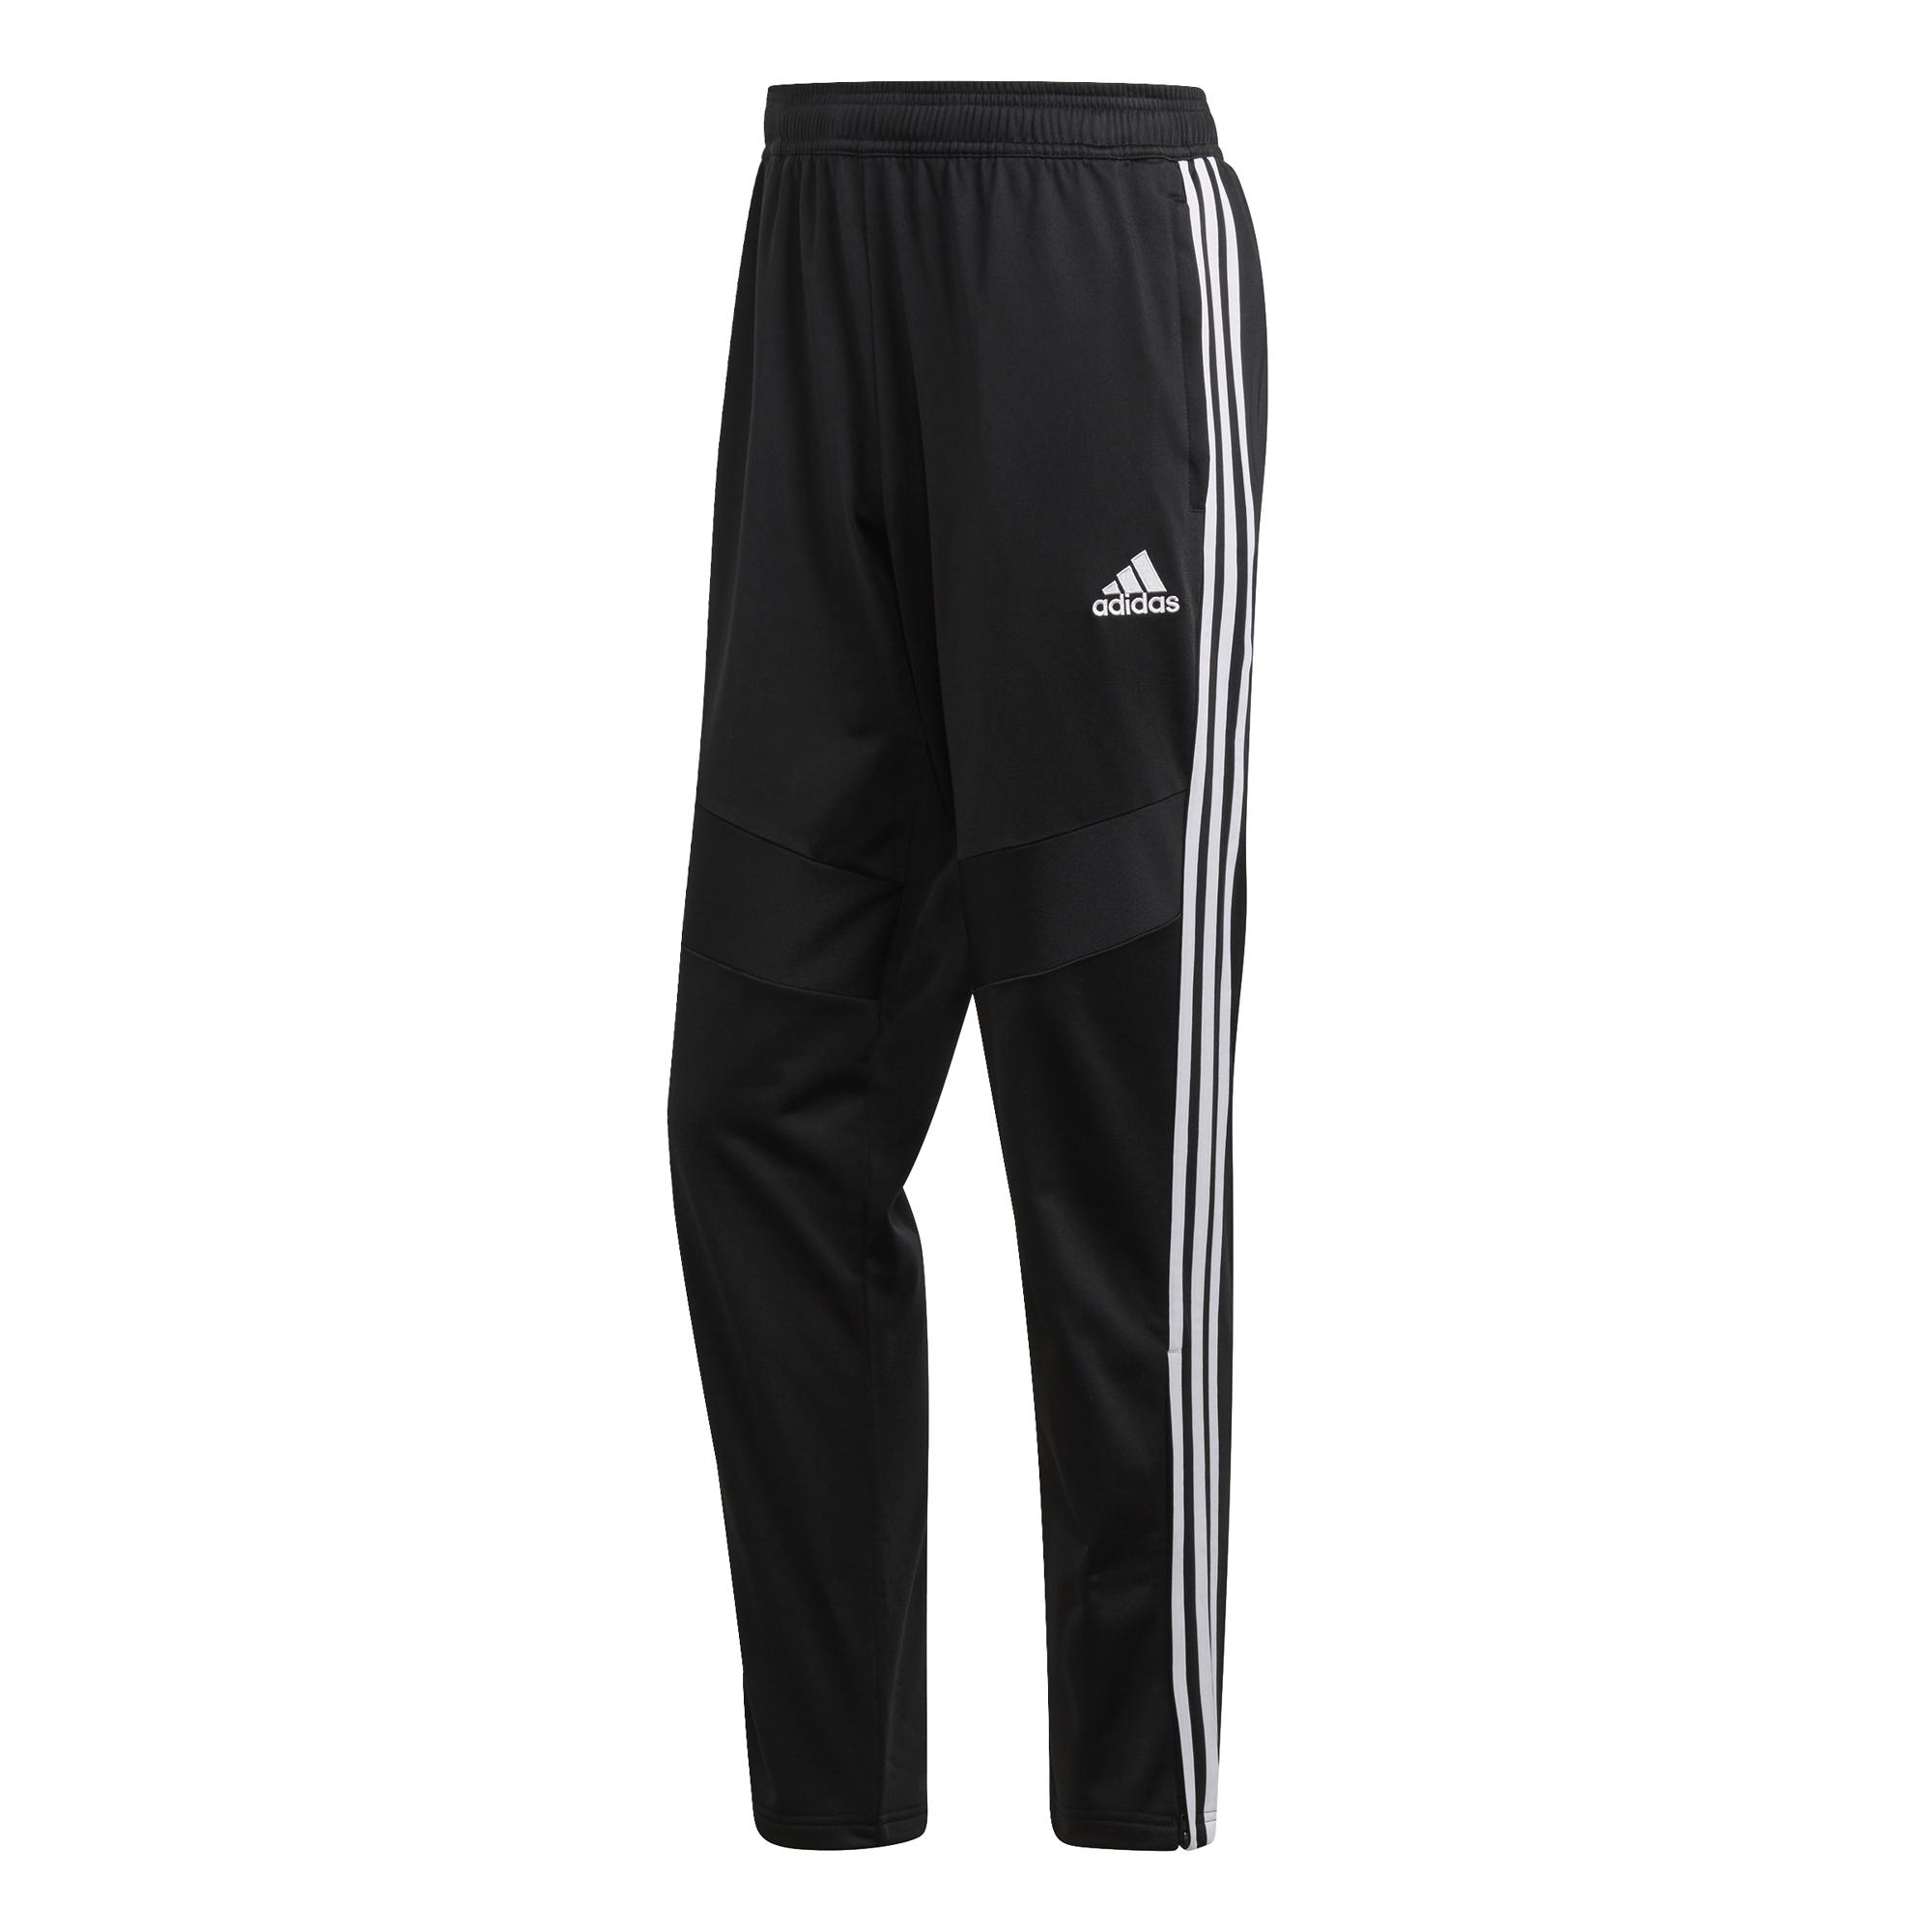 ADIDAS kalhoty Tiro 19 PES Pants